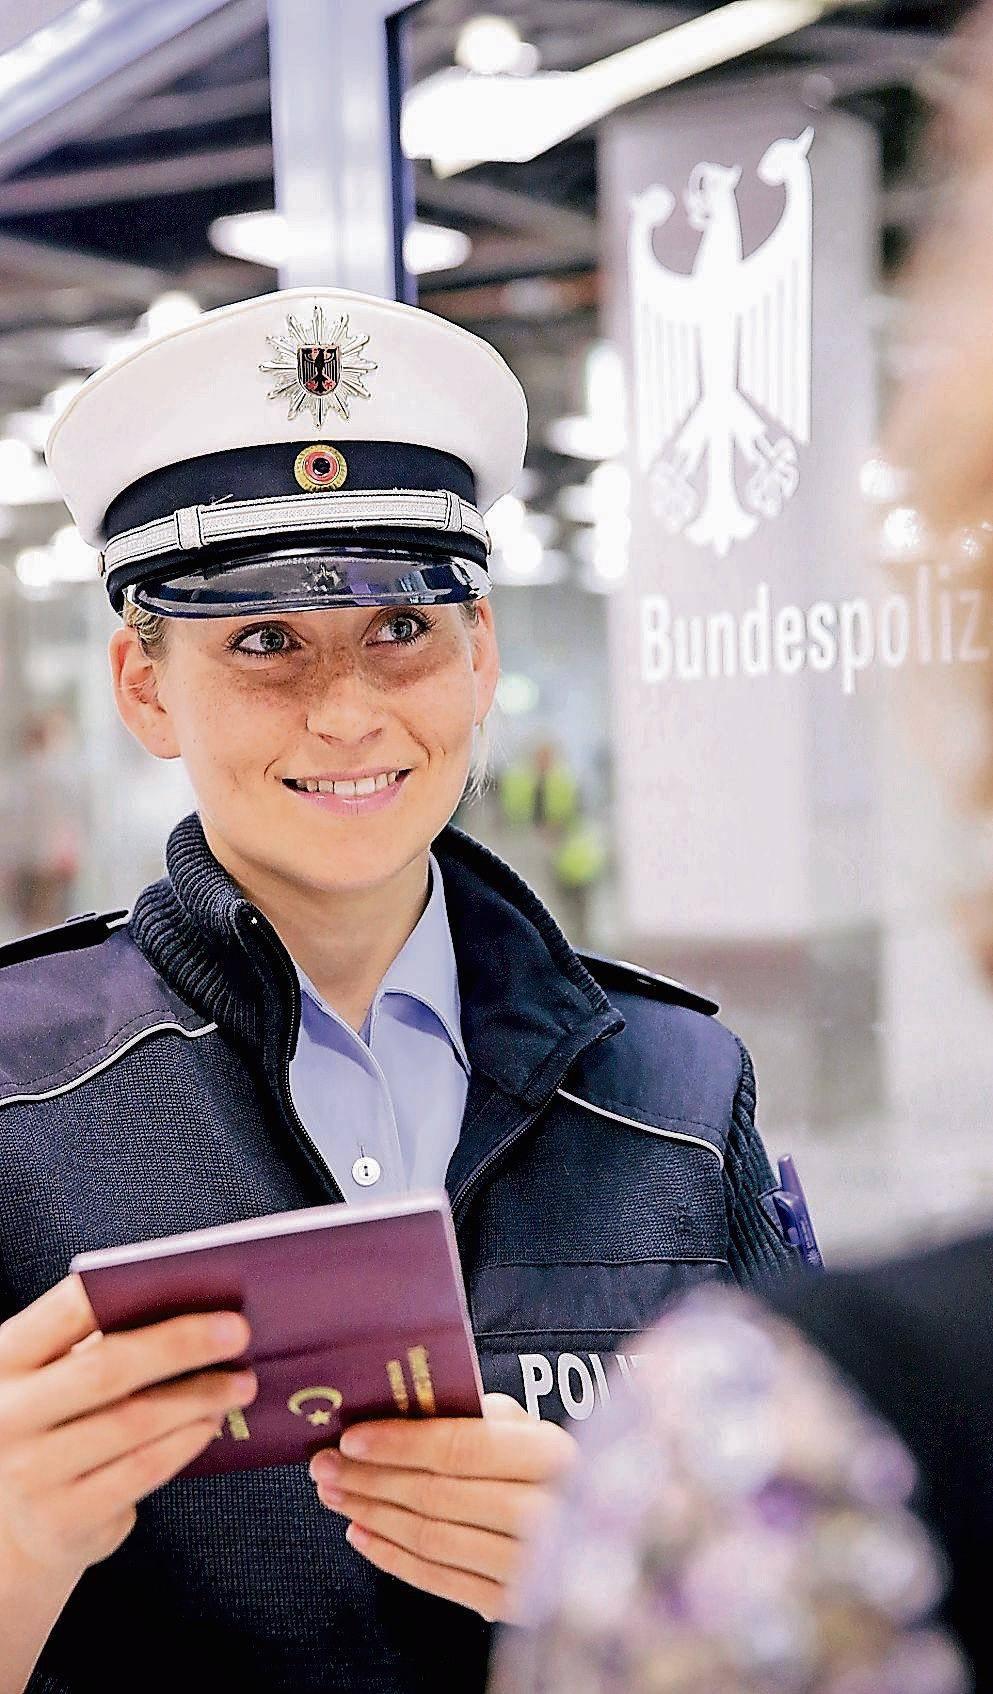 Bundespolizeiinspektion Düsseldorf